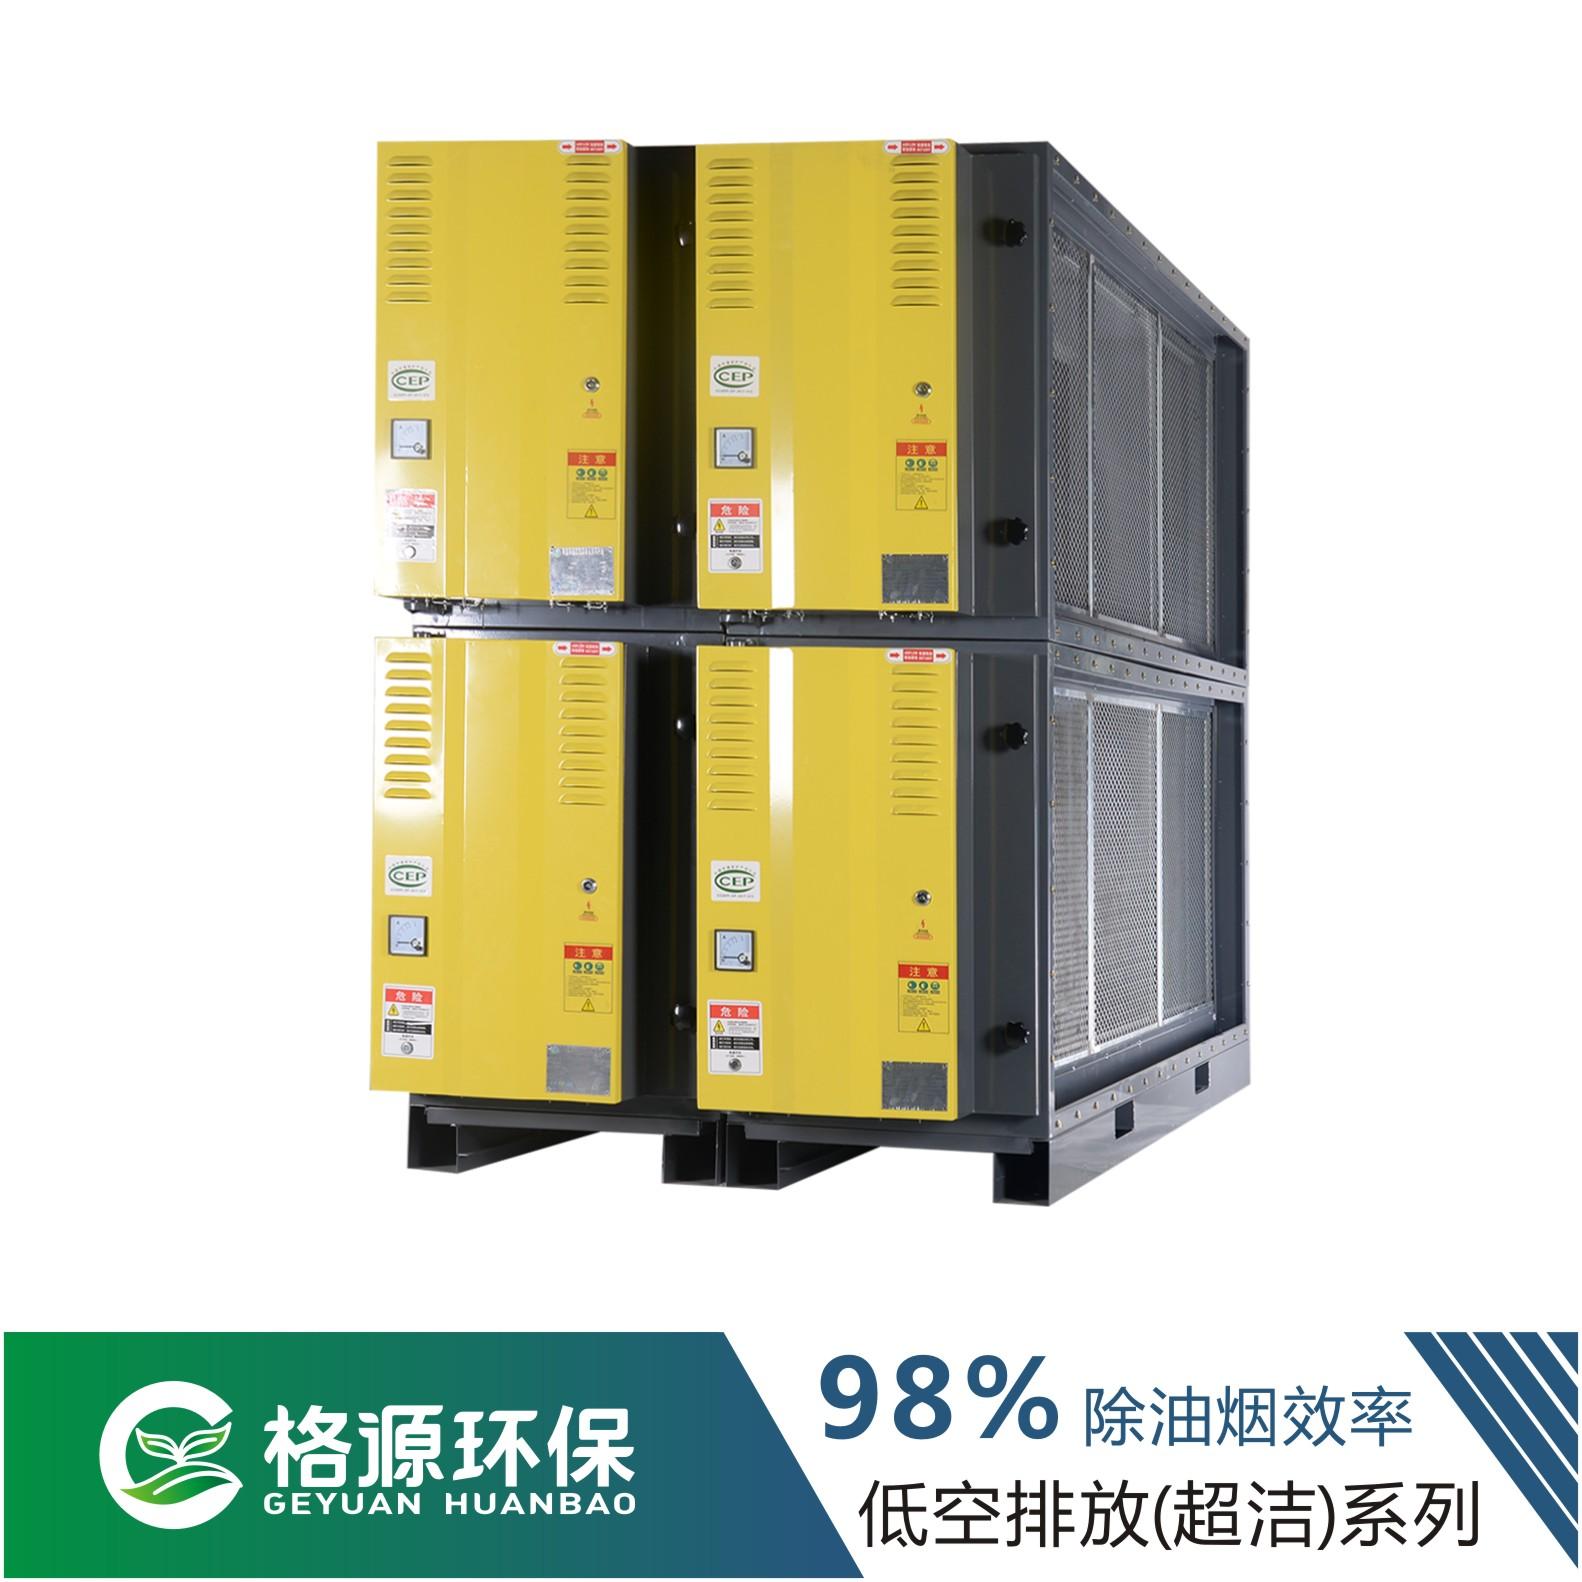 餐饮油烟净化—低空排放D36000